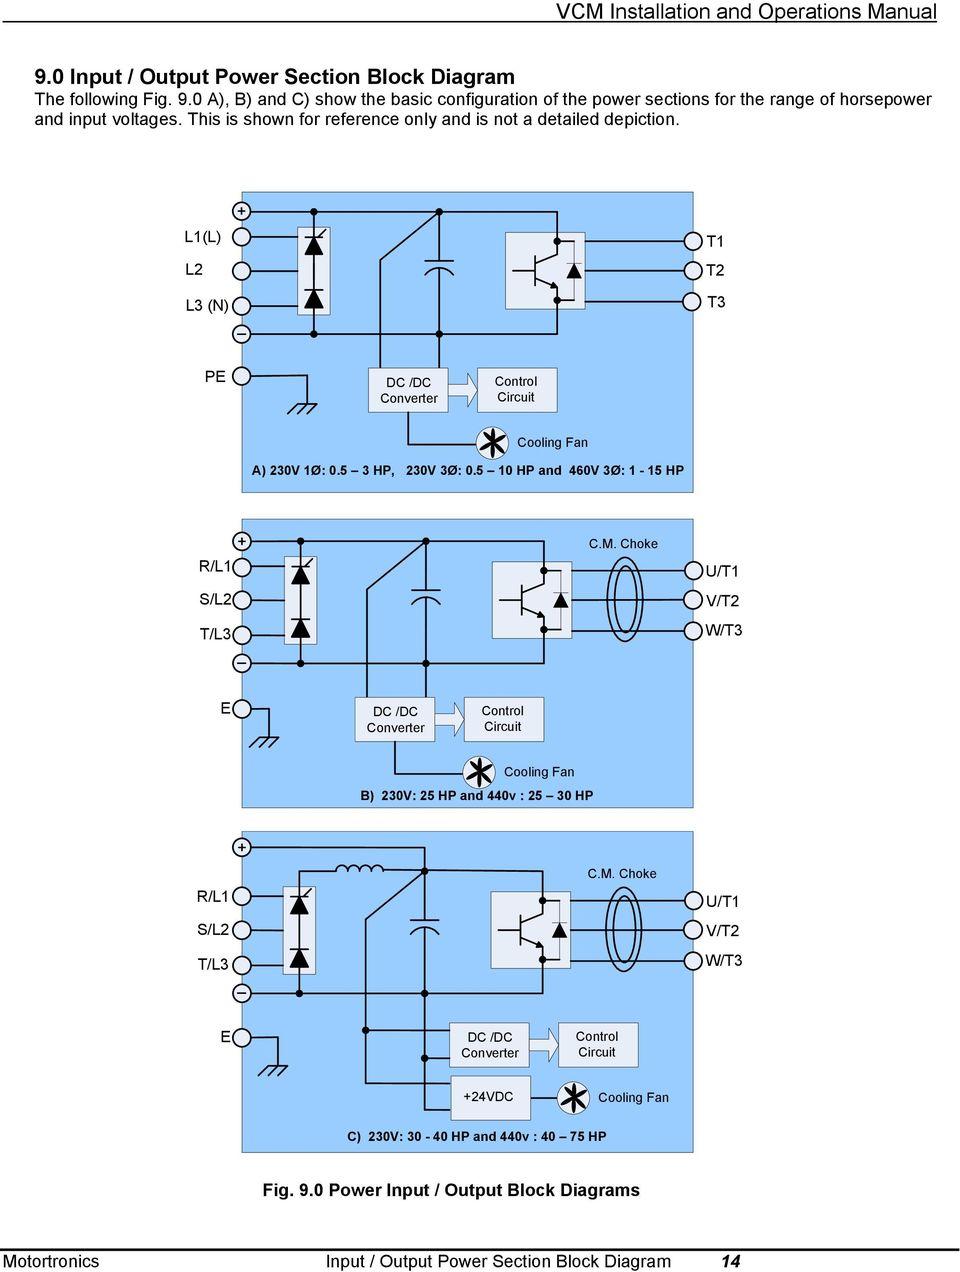 medium resolution of 5 10 hp and 460v 3 1 15 hp r l1 s